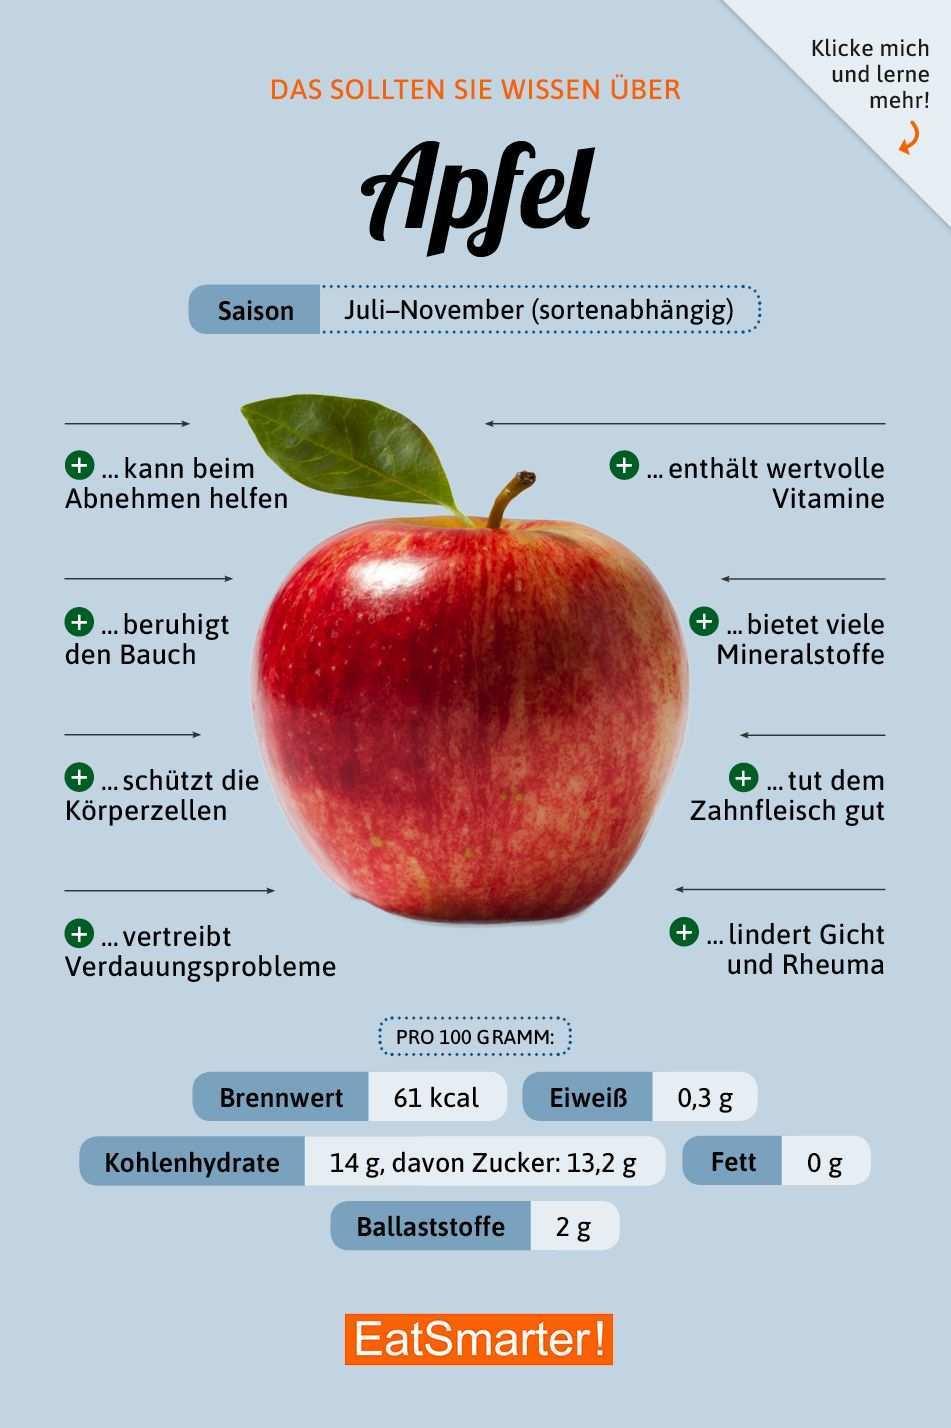 Apfel Ernahrung Essen Tipps Apfel Gesund